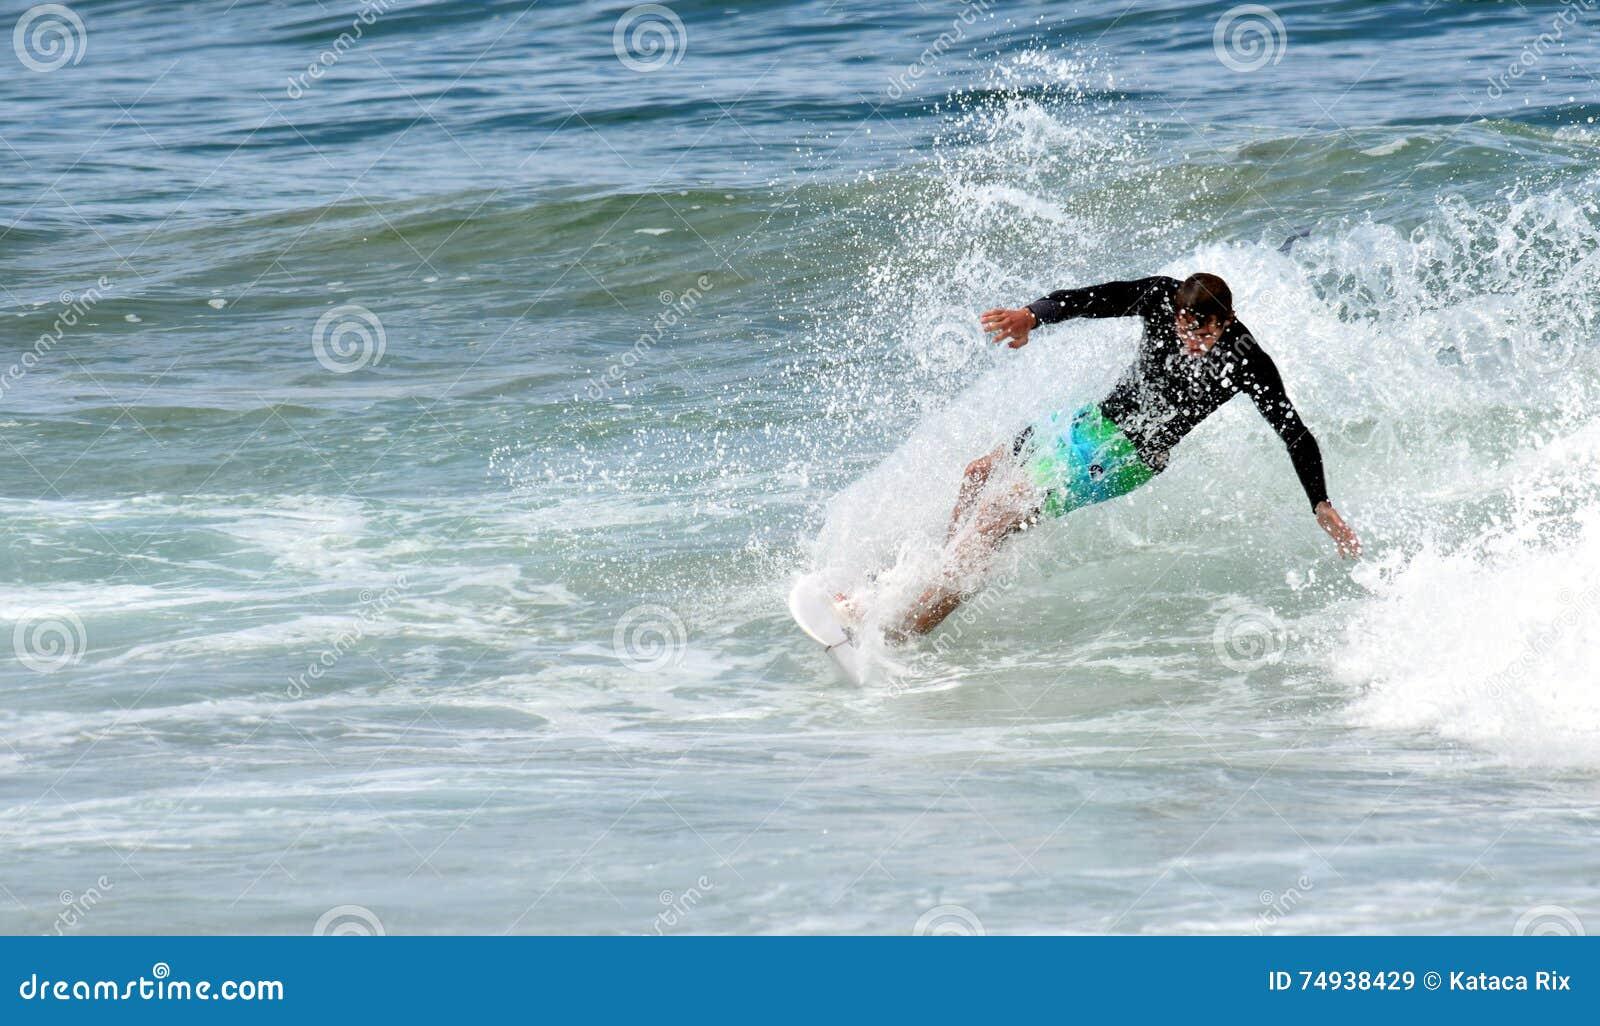 Ερασιτέχνης surfer που κάνει σερφ στην παραλία